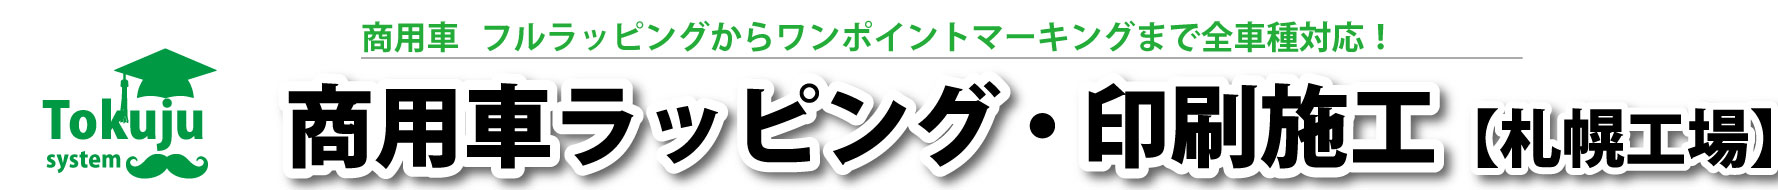 札幌 商用車 カーラッピング  マーキング  【札幌工場】